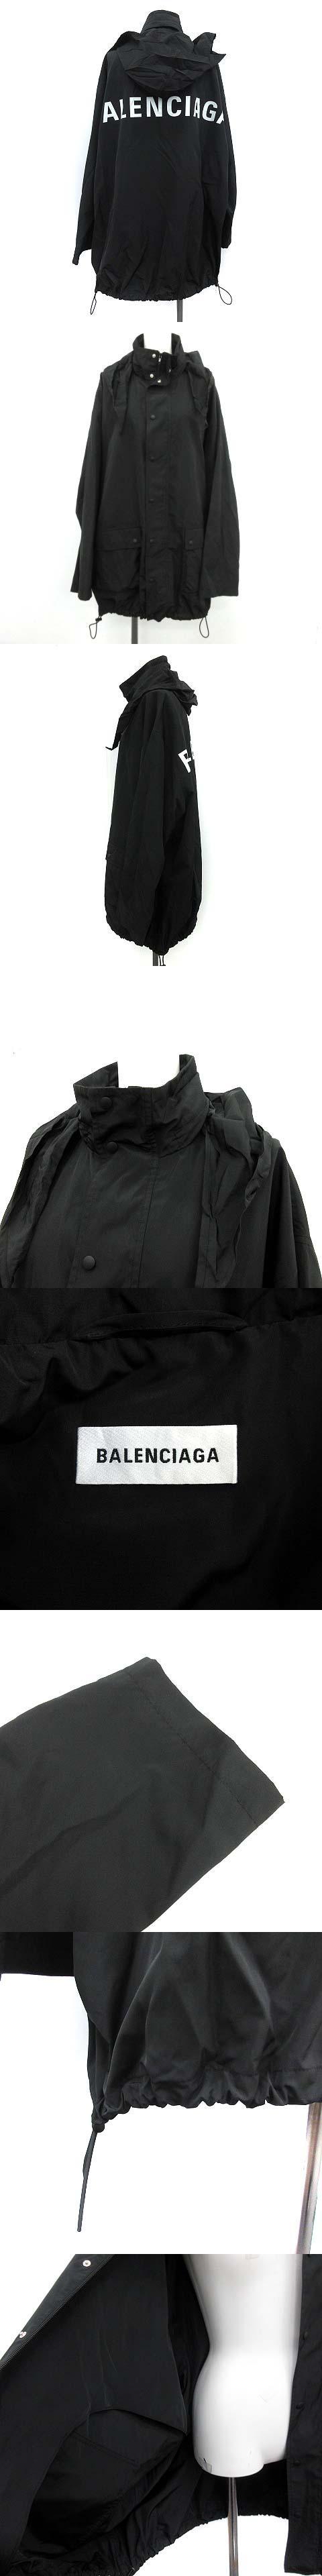 18AW バックロゴ オペラ レインコート フーテッド 36 黒 ブラック /KH